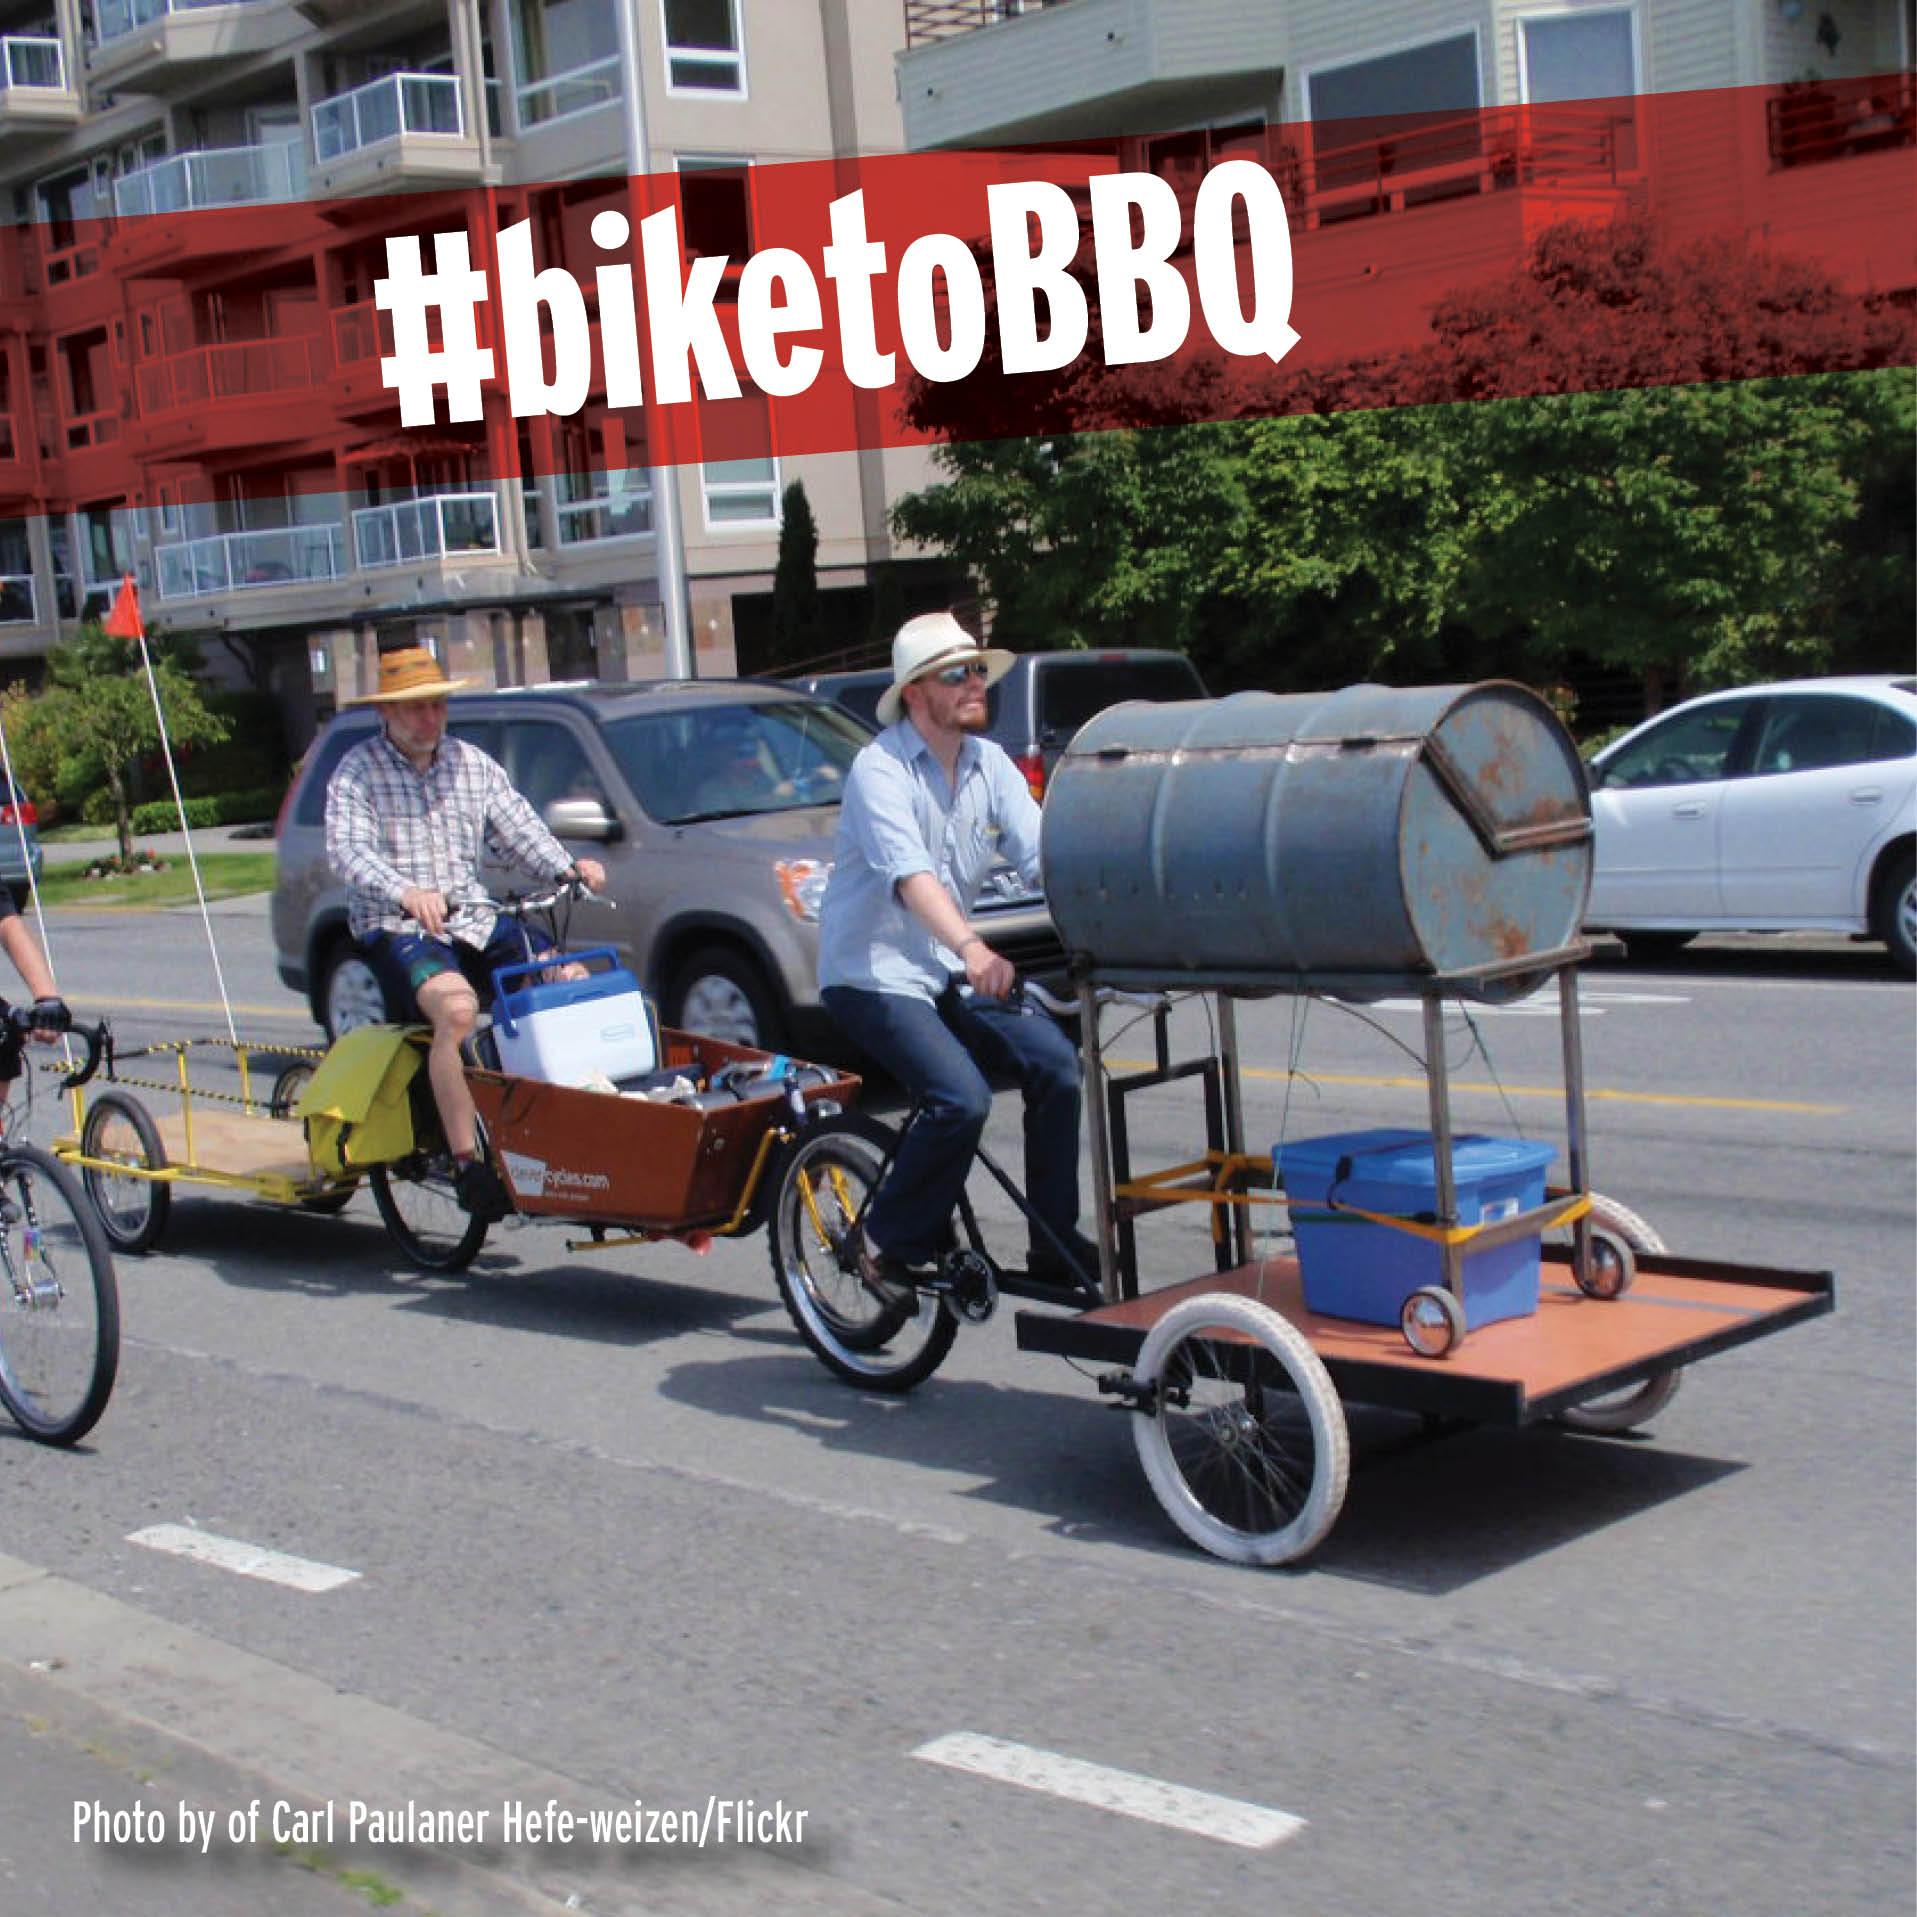 biketobbq